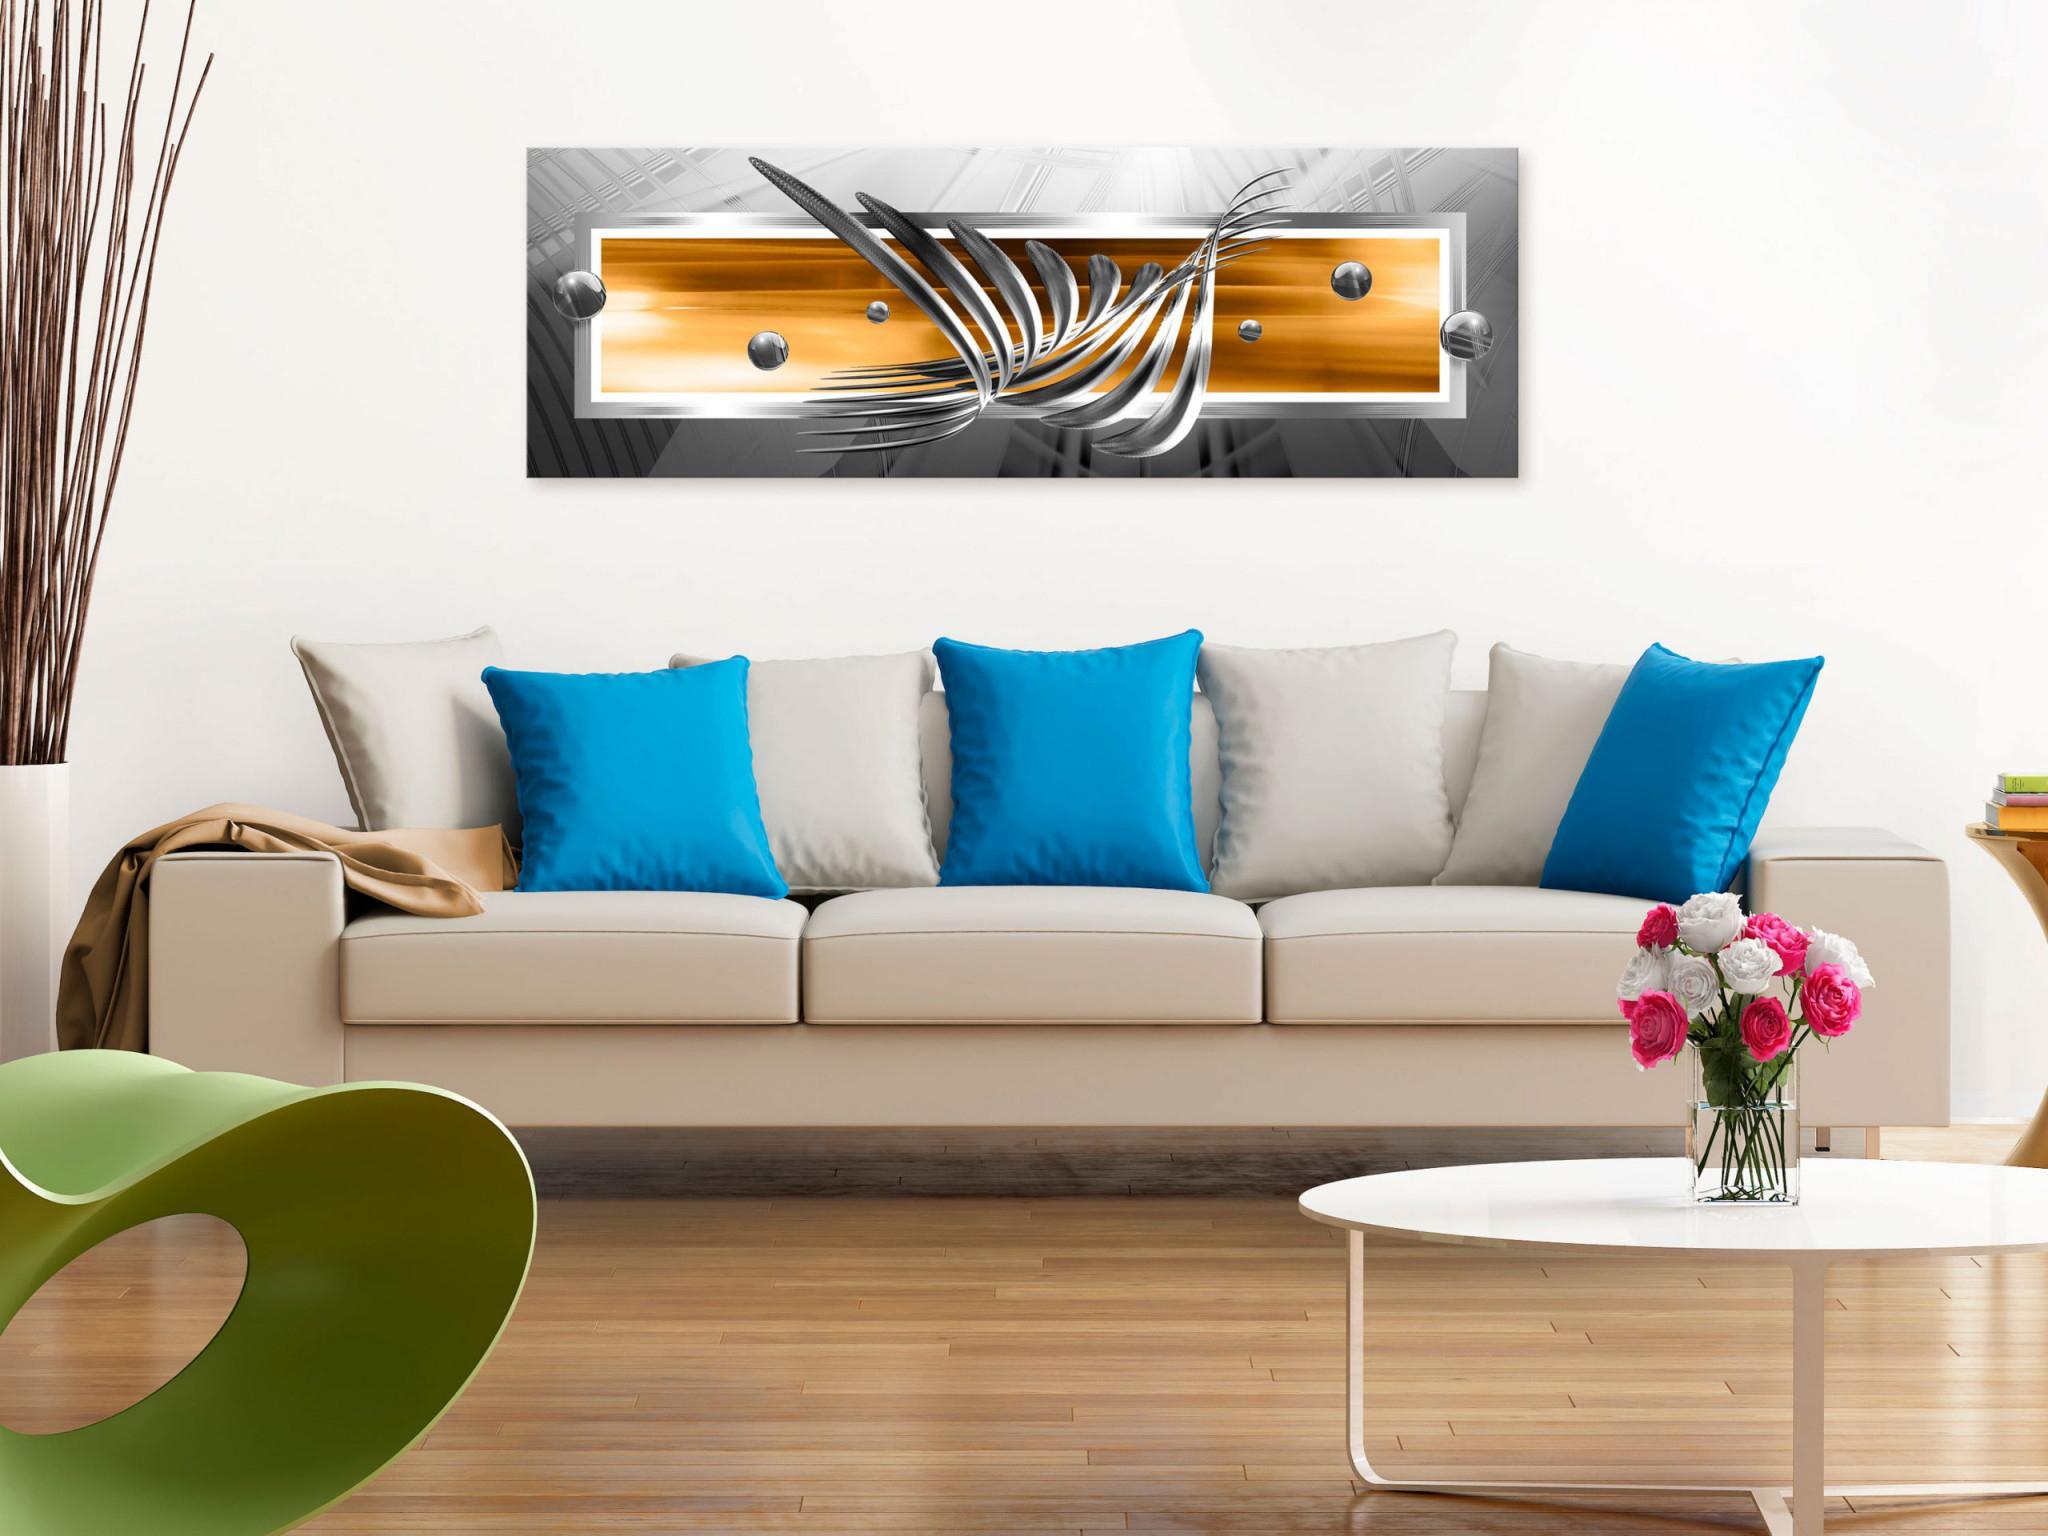 Wandbilder Wohnzimmer Xxl Lutz von Bilder Mehrteilig Wohnzimmer Bild